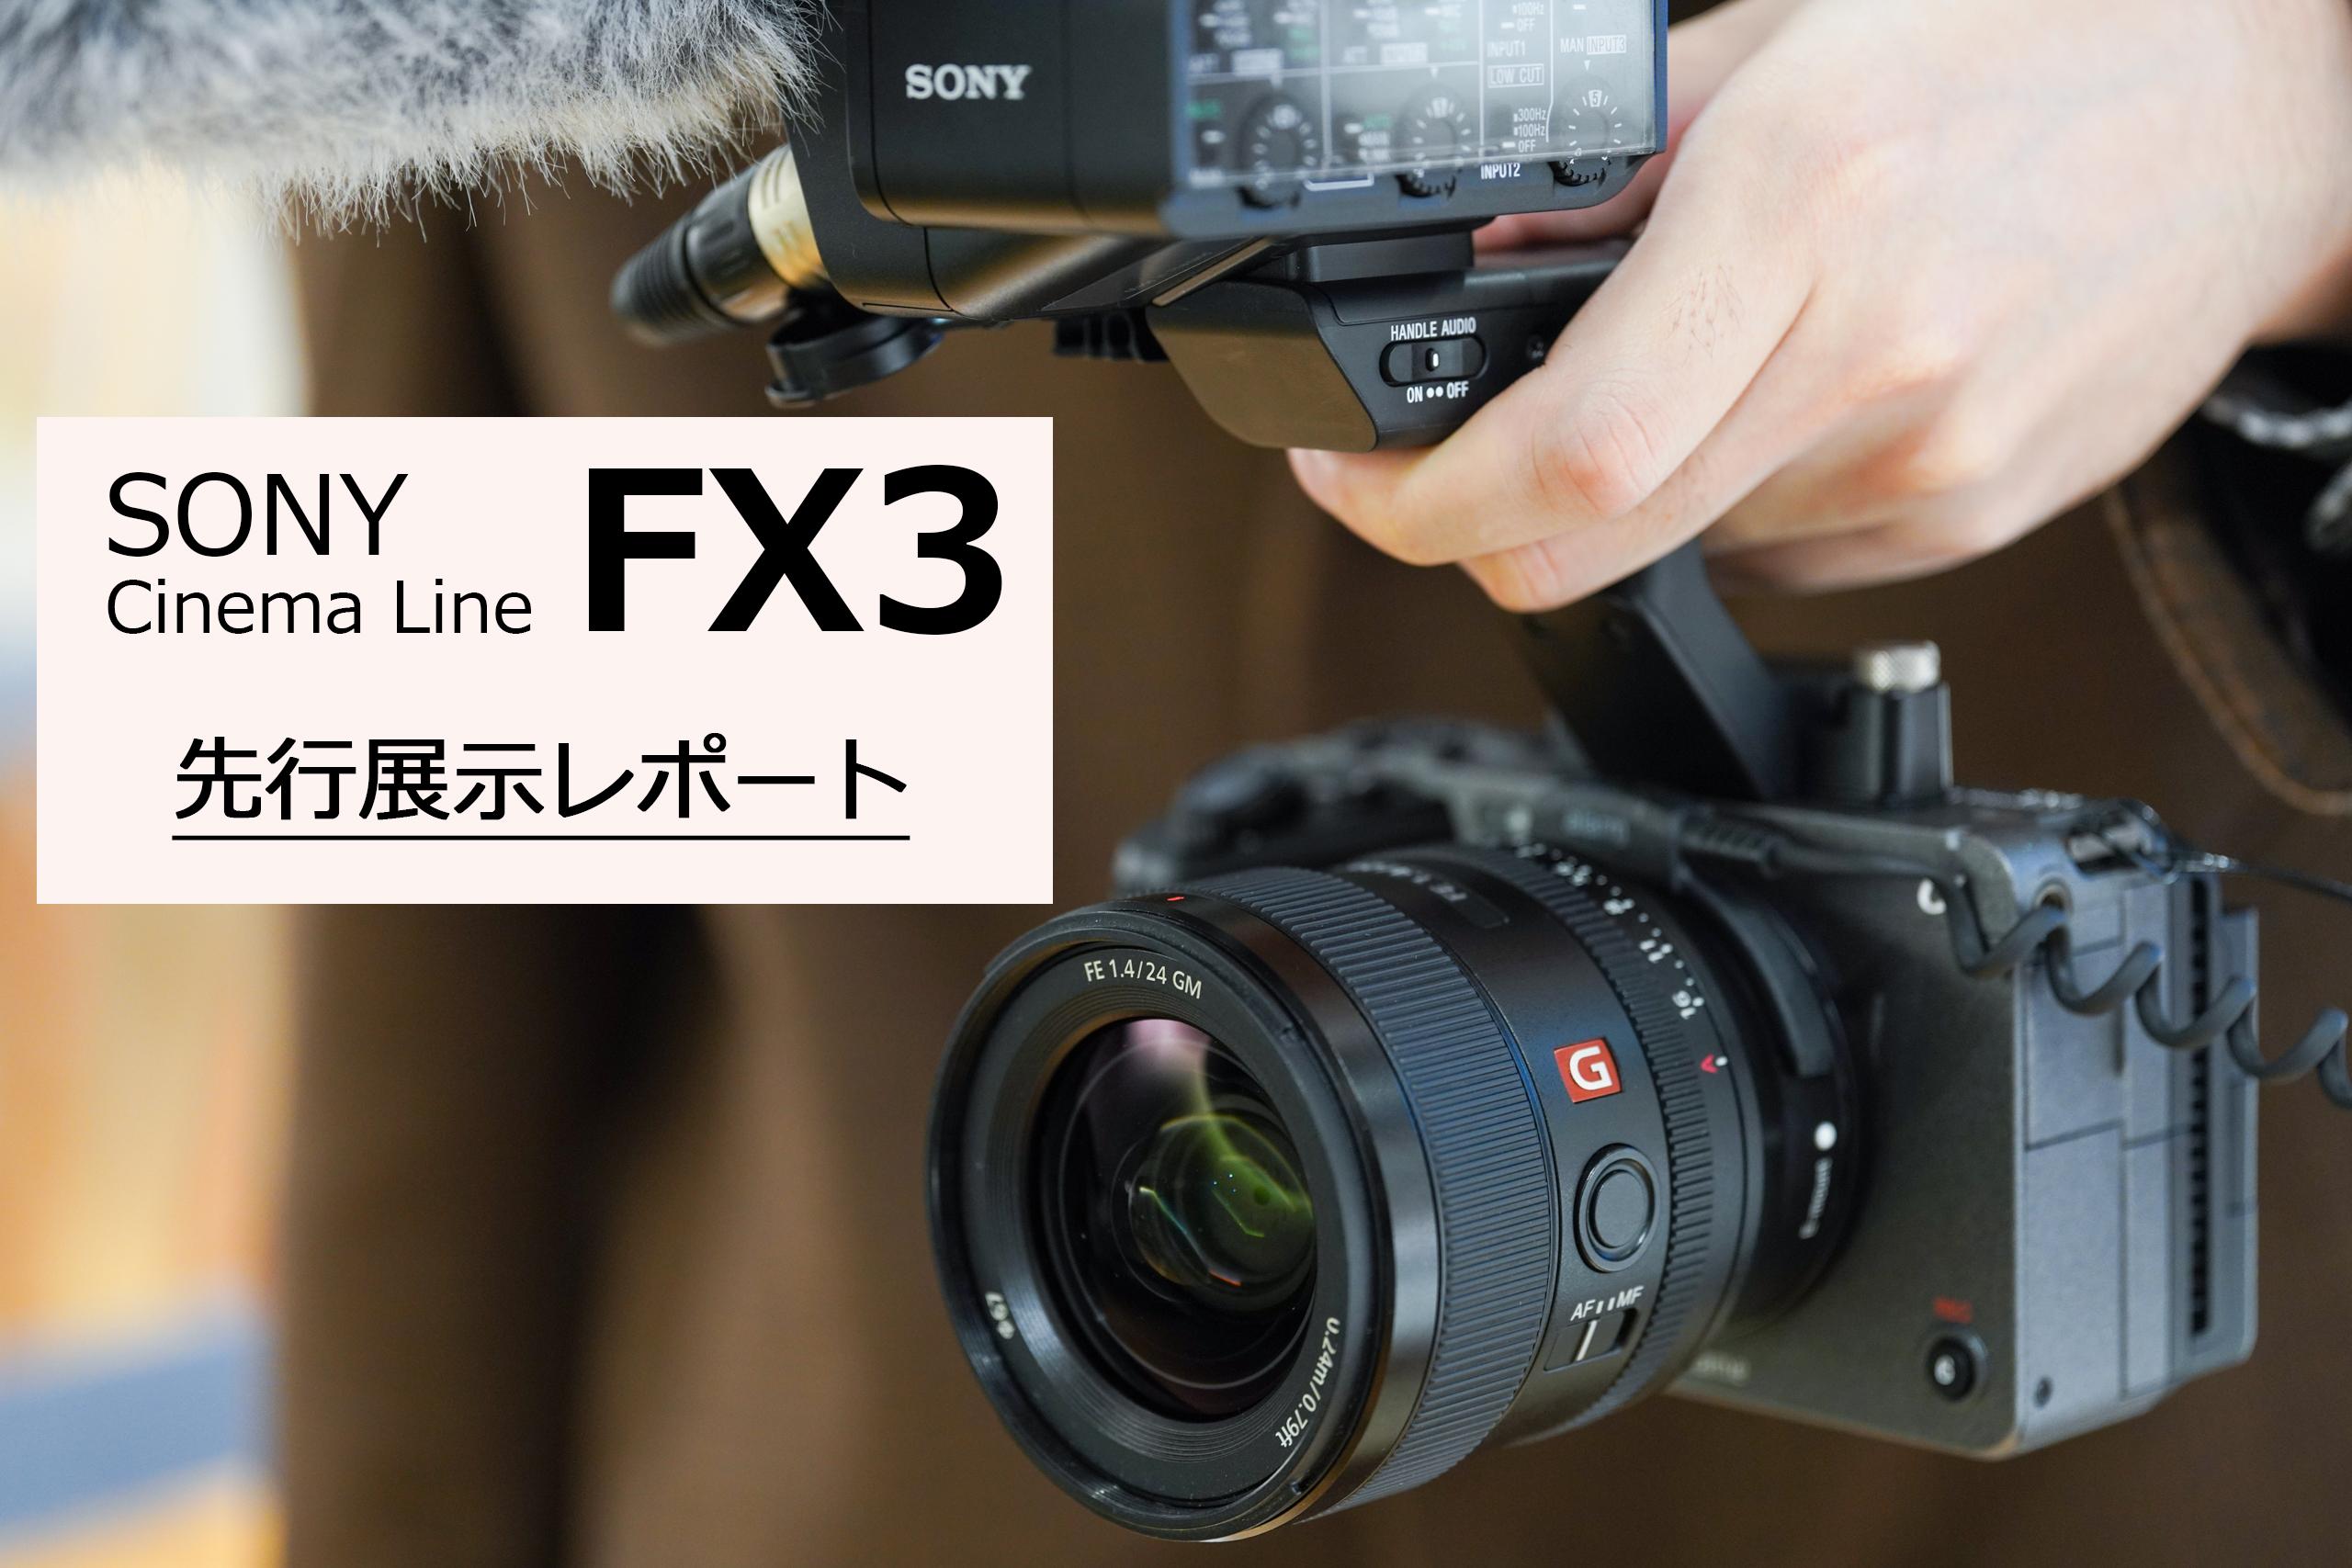 【SONY】CinemaLineカメラ『FX3』 先行展示レポート